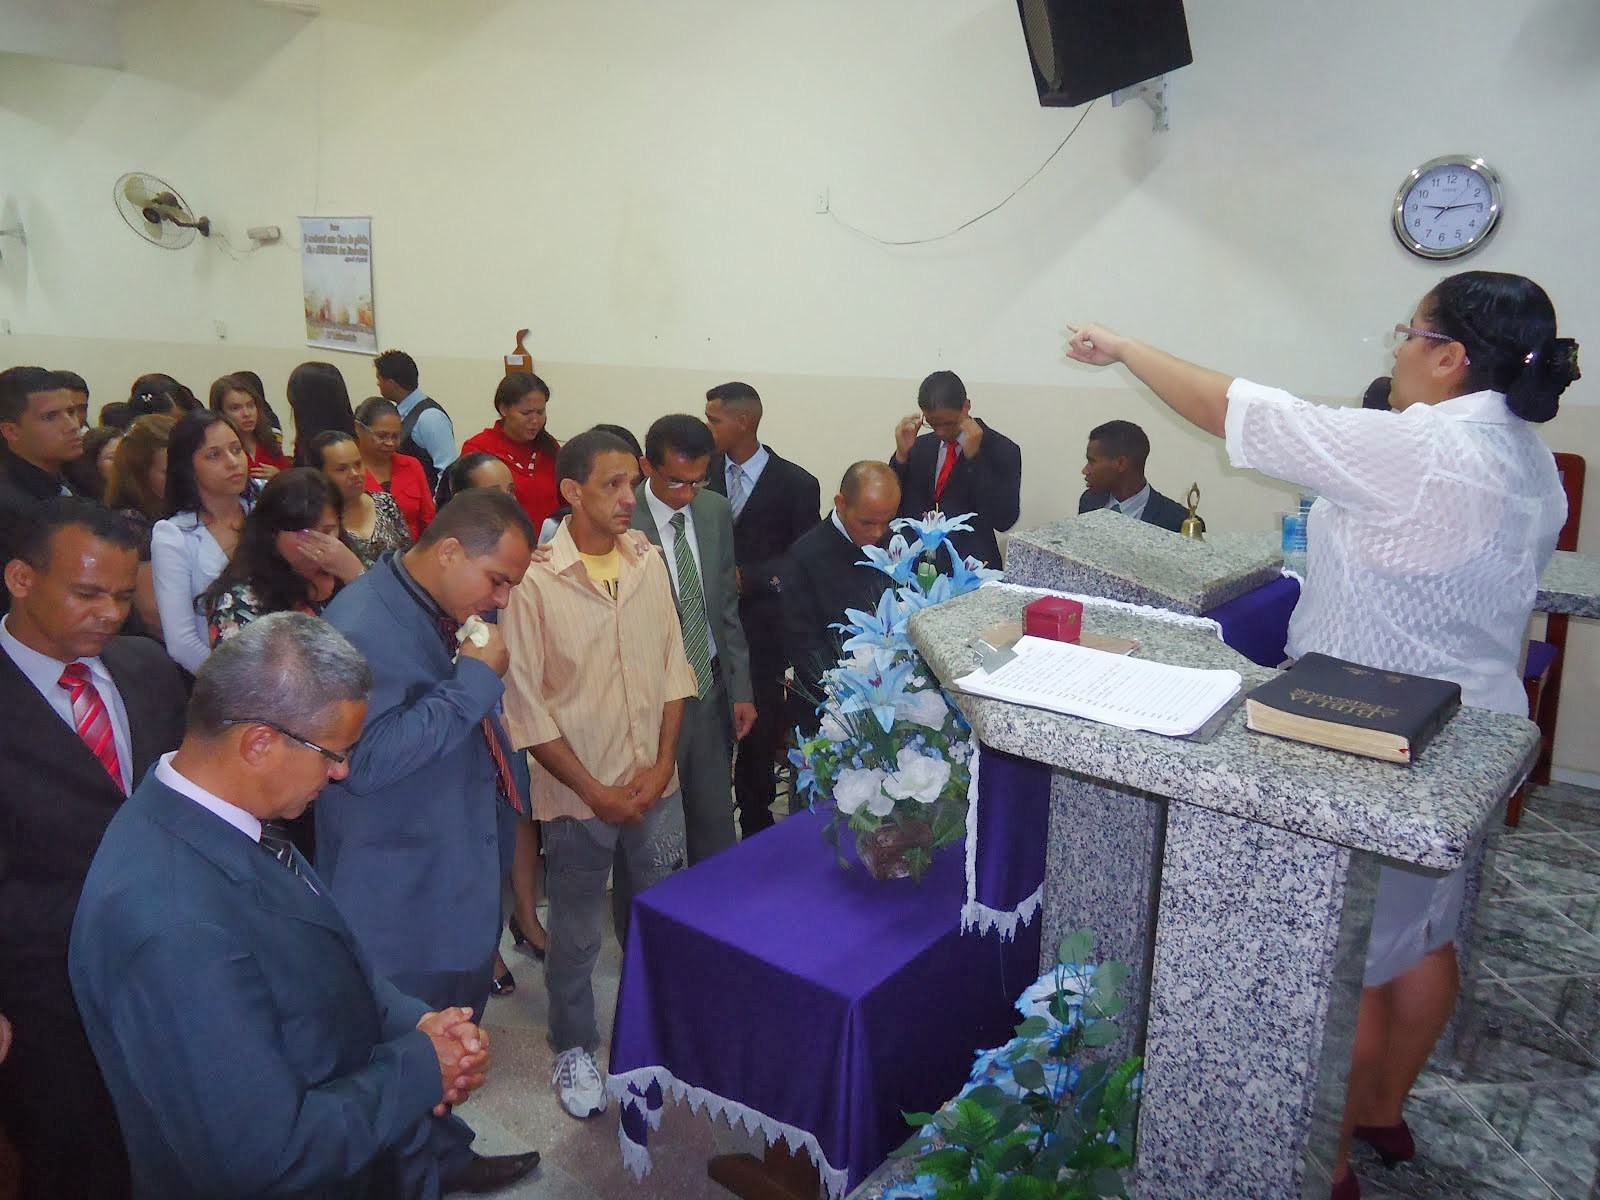 Pregando a Poderosa Palavra de Deus